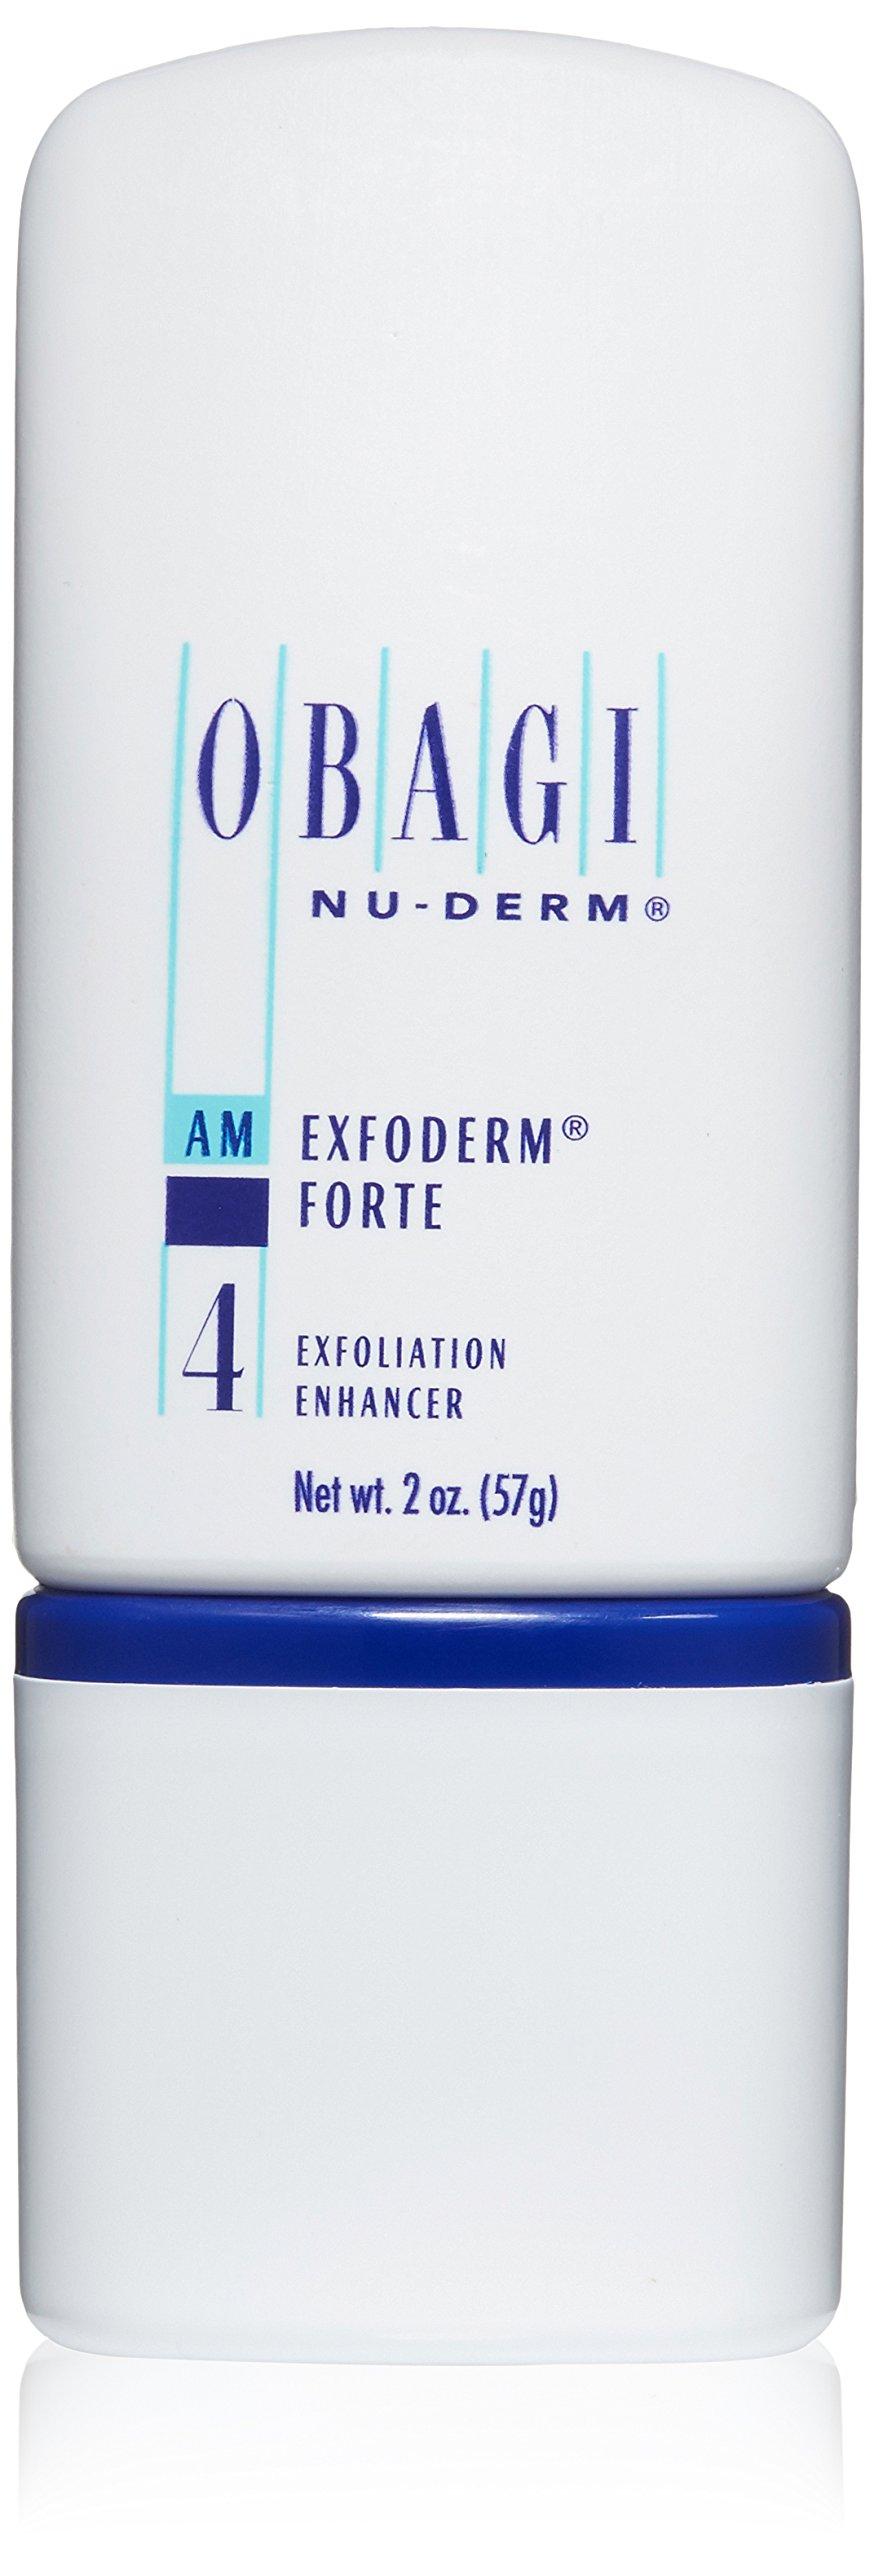 Obagi Nu-Derm Exfoderm Forte, 2 oz by Obagi Medical (Image #1)